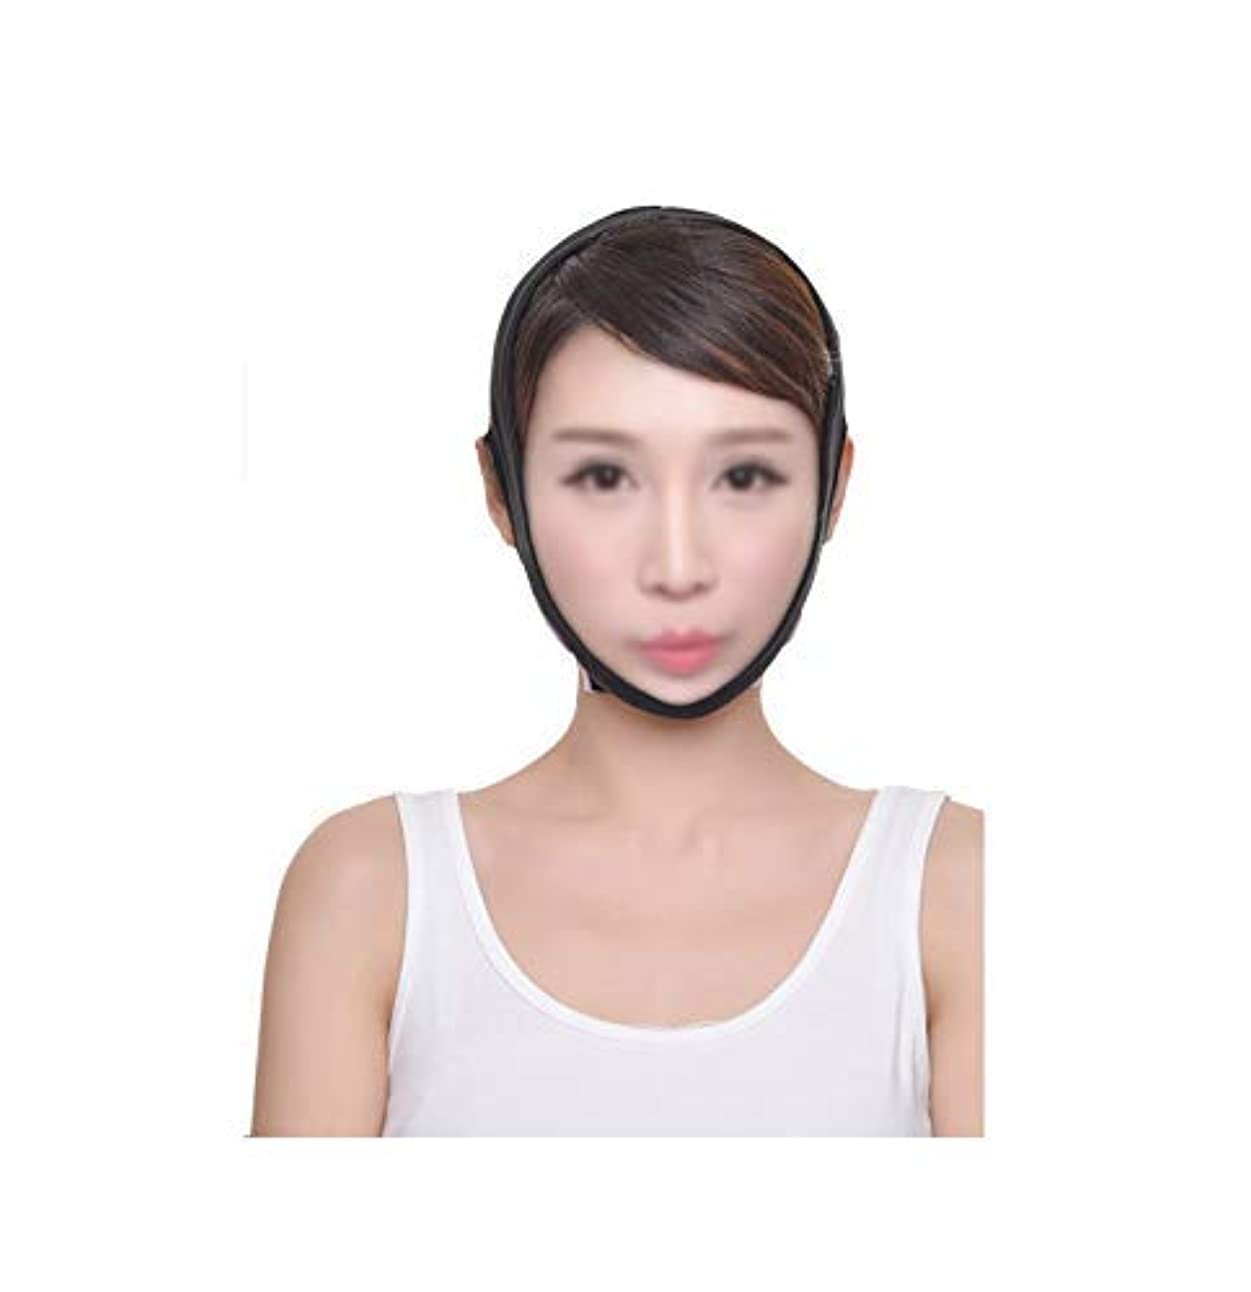 タクト唯一アルバニーファーミングフェイスマスク、フェイスリフティングアーティファクト脂肪吸引術脂肪吸引術後整形二重あご美容マスクブラックフード(サイズ:L),M